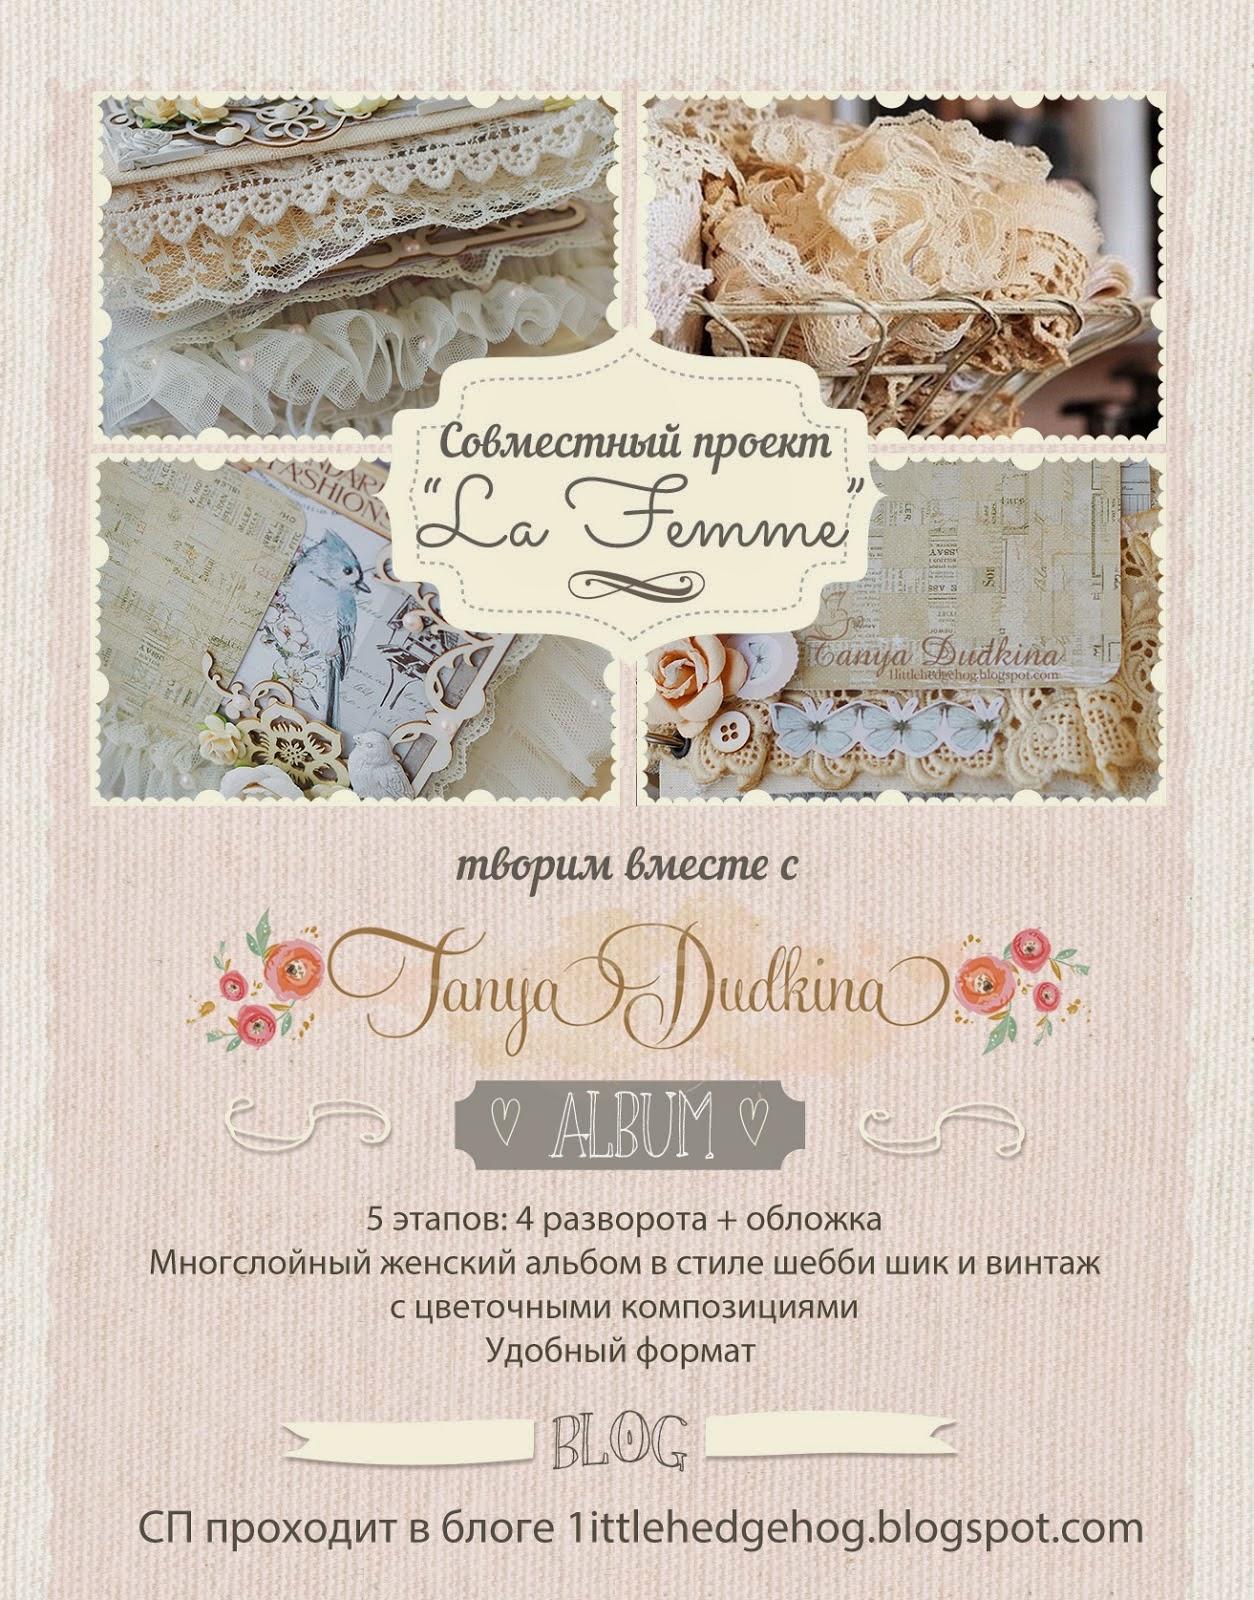 CП с Таней Дудкиной